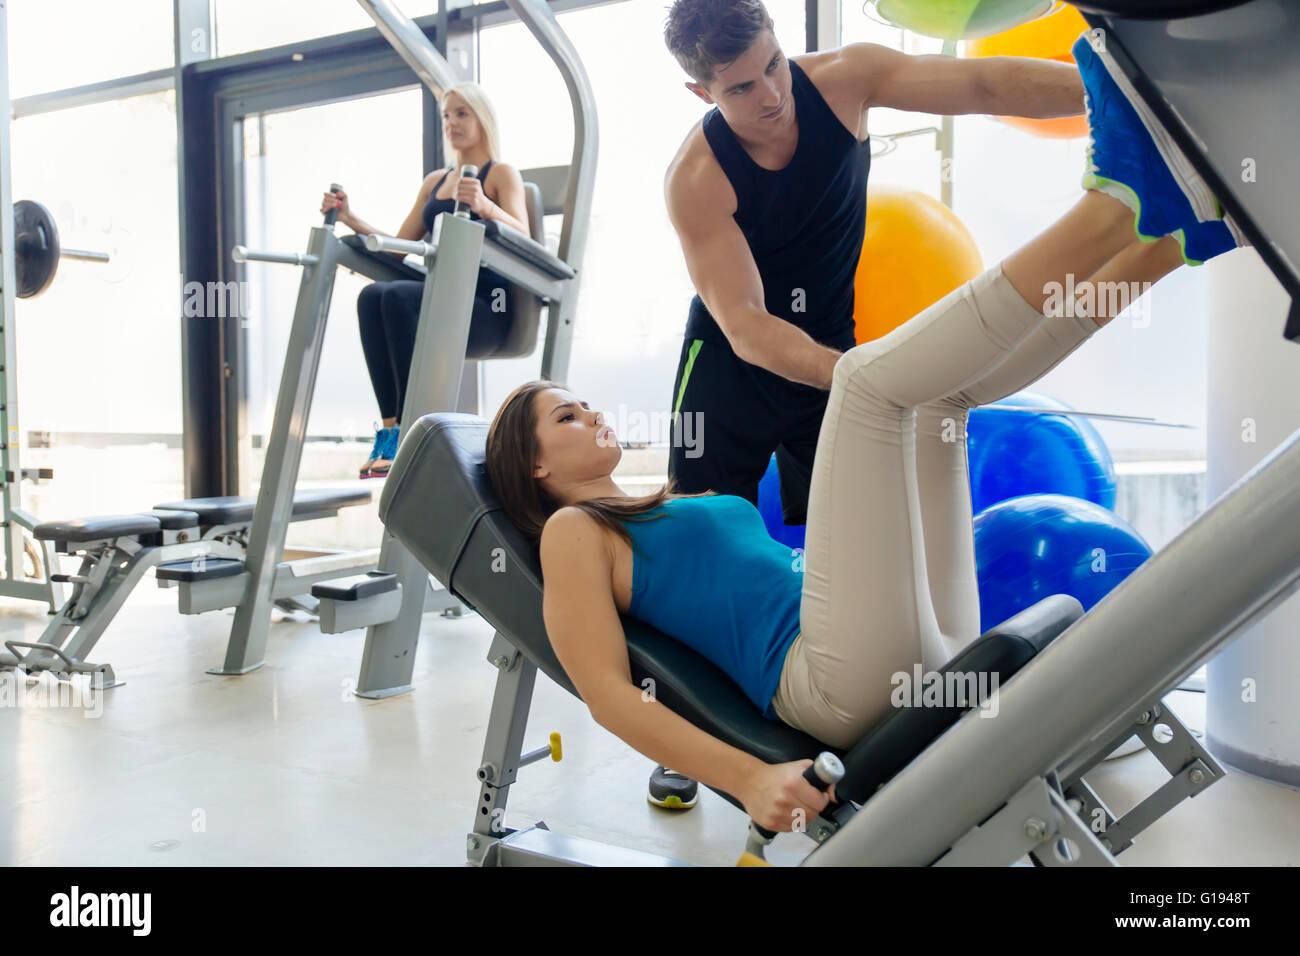 Belle femme faisant les jambes dans une salle de sport avec l'aide de l'entraîneur personnel Photo Stock